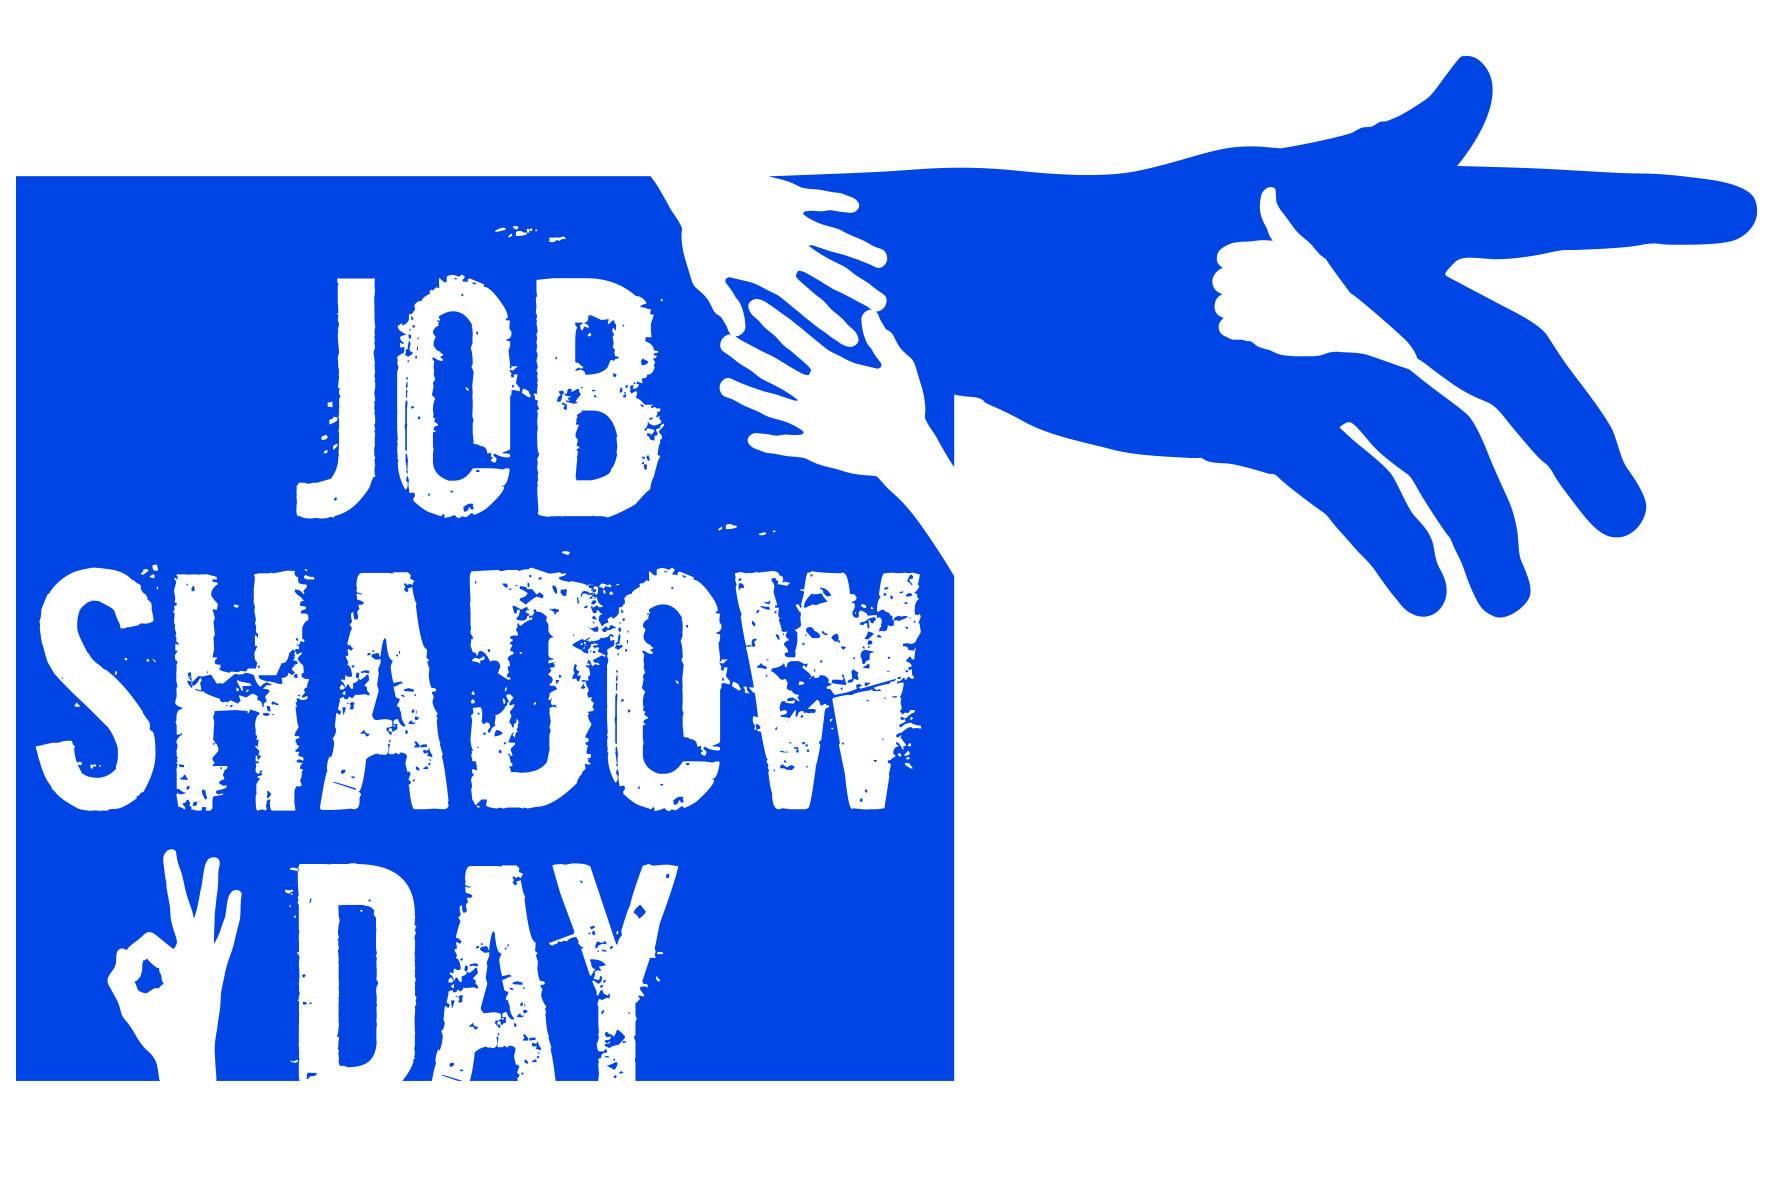 Job Shadow Day 2018 / Vates-säätiö